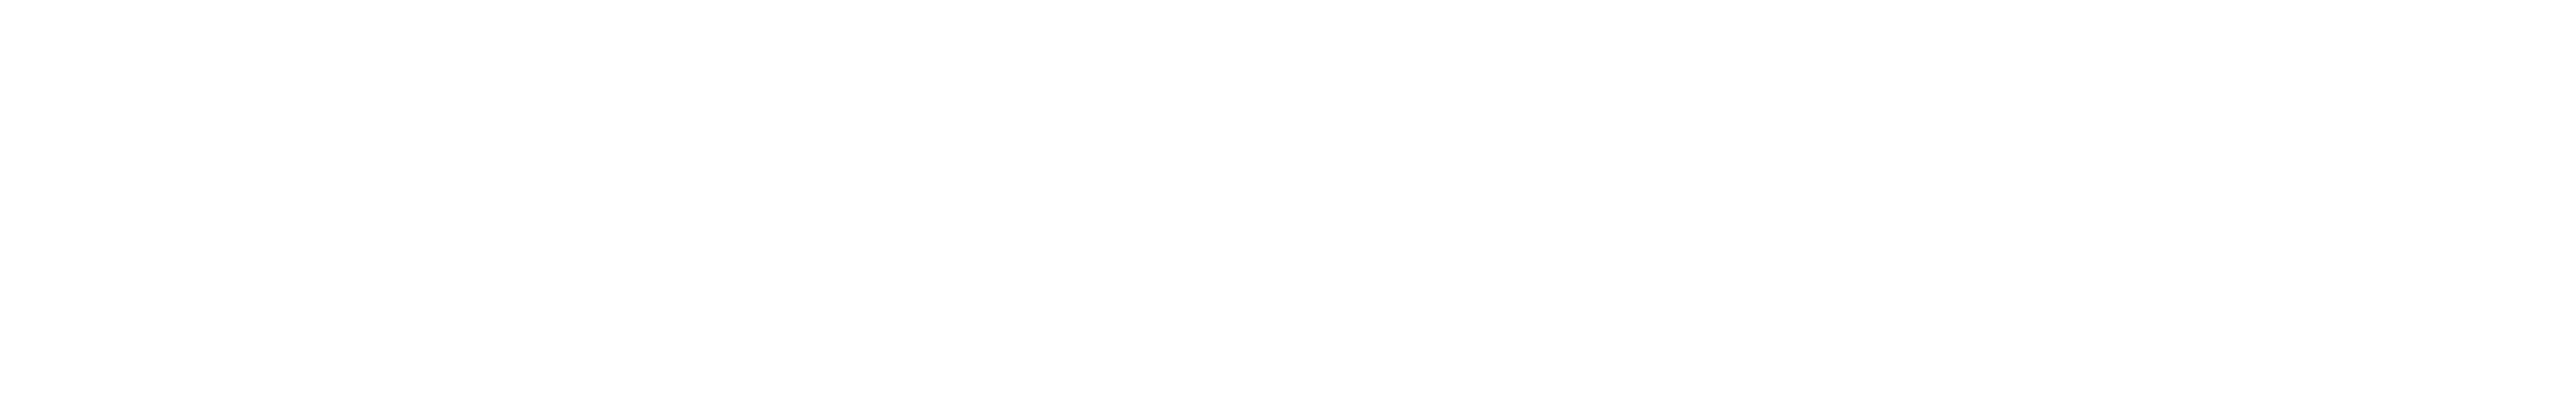 Freshly Brewed Reviews